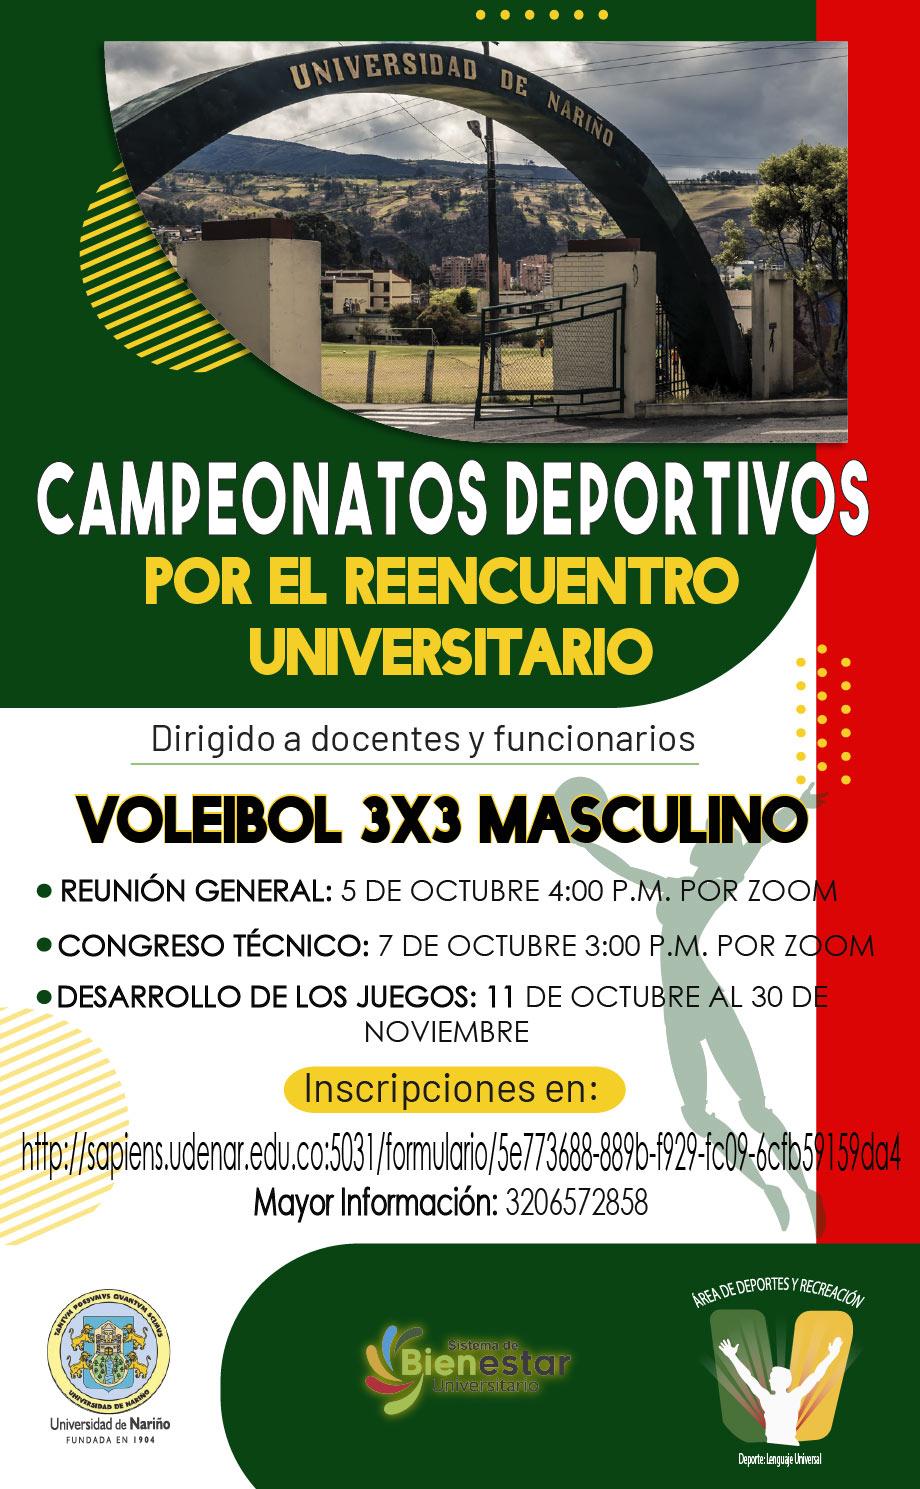 Reencuentro-Universitario-Voleibol